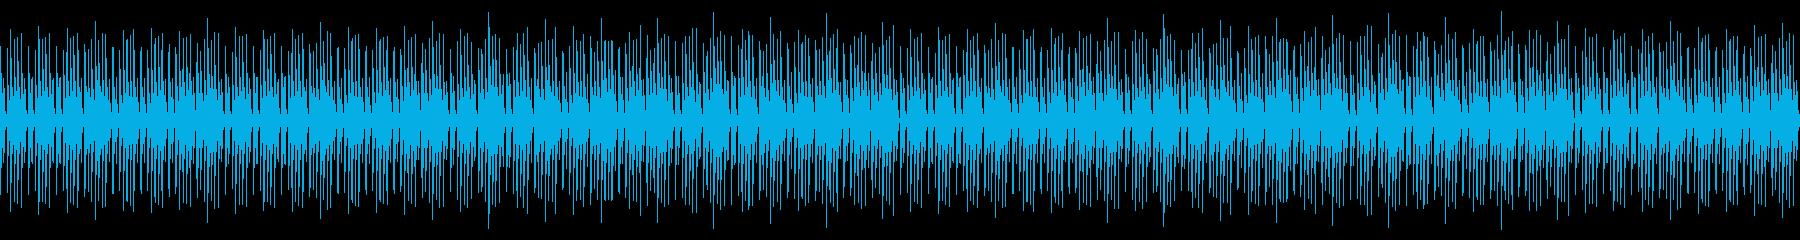 シンセドラムループの再生済みの波形